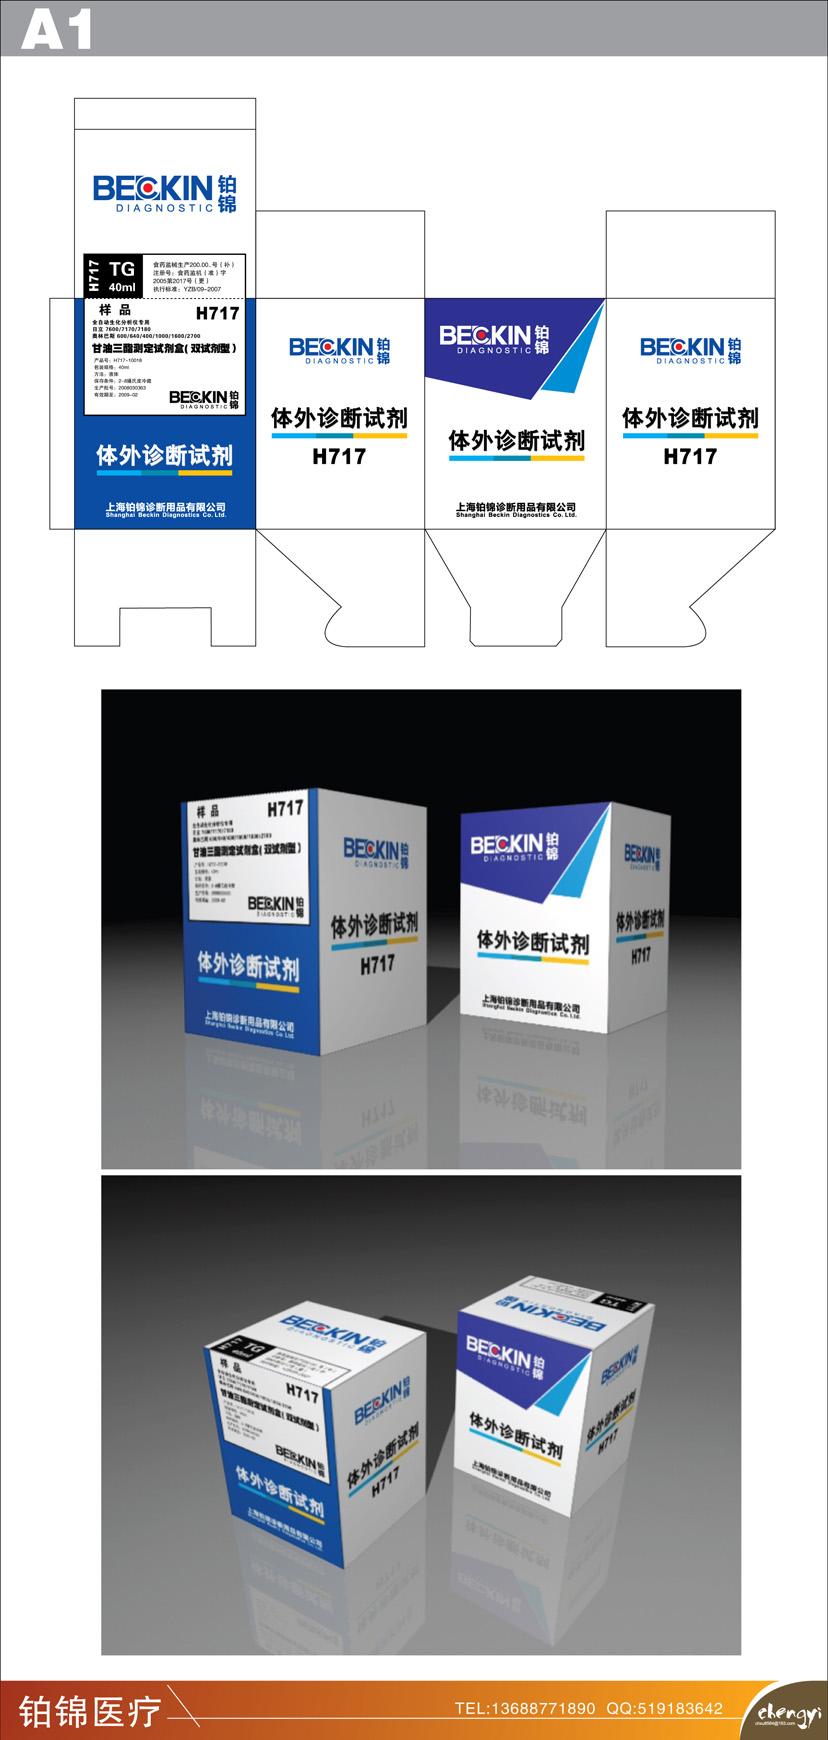 本設計組專業于平面產品包裝設計